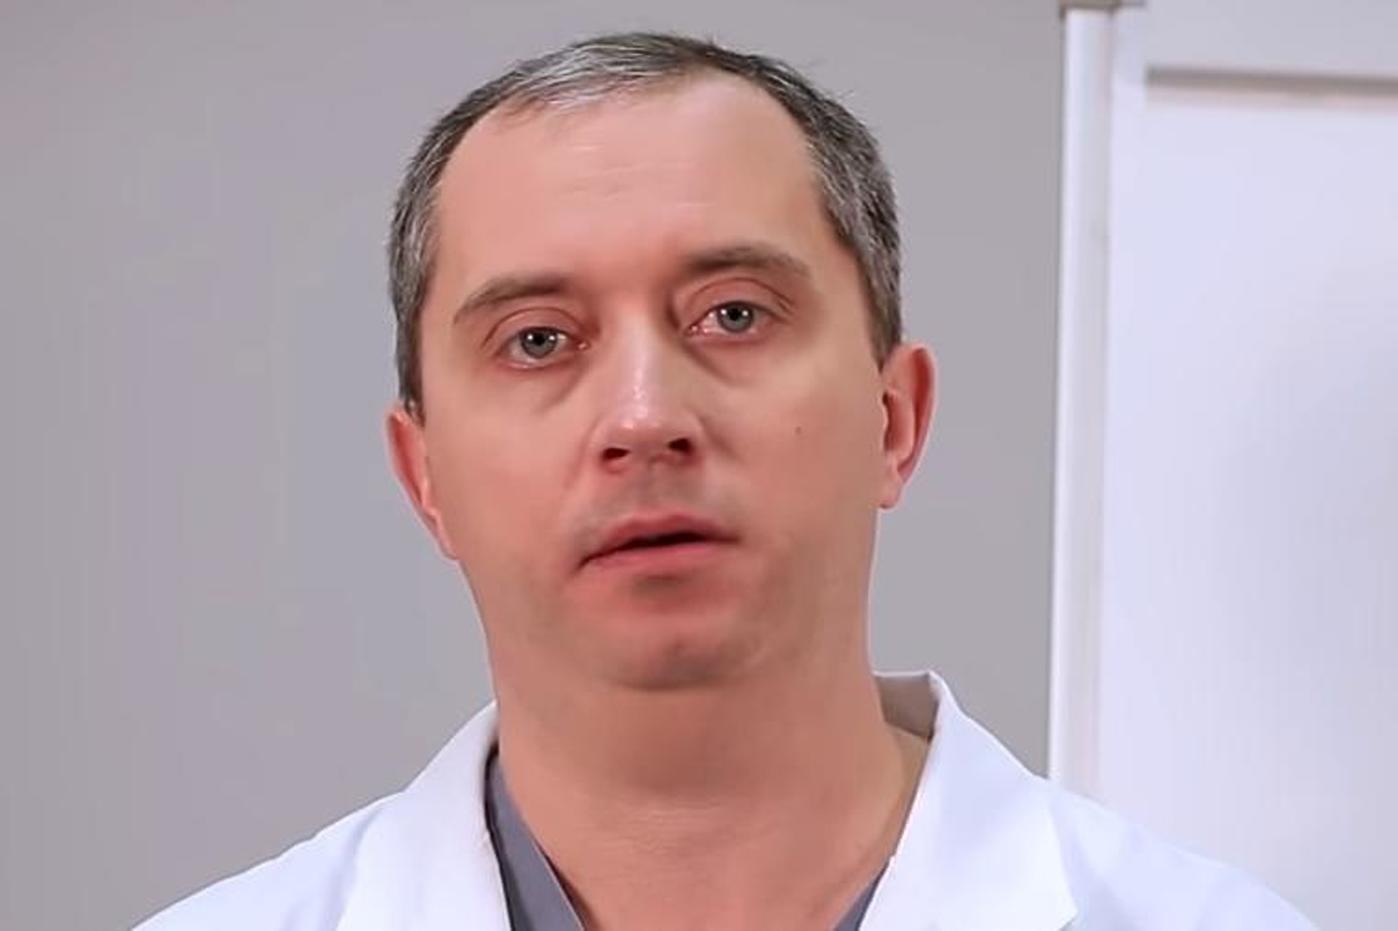 imam 30 godina i imam hipertenziju tablete za hipertenziju prema shemi